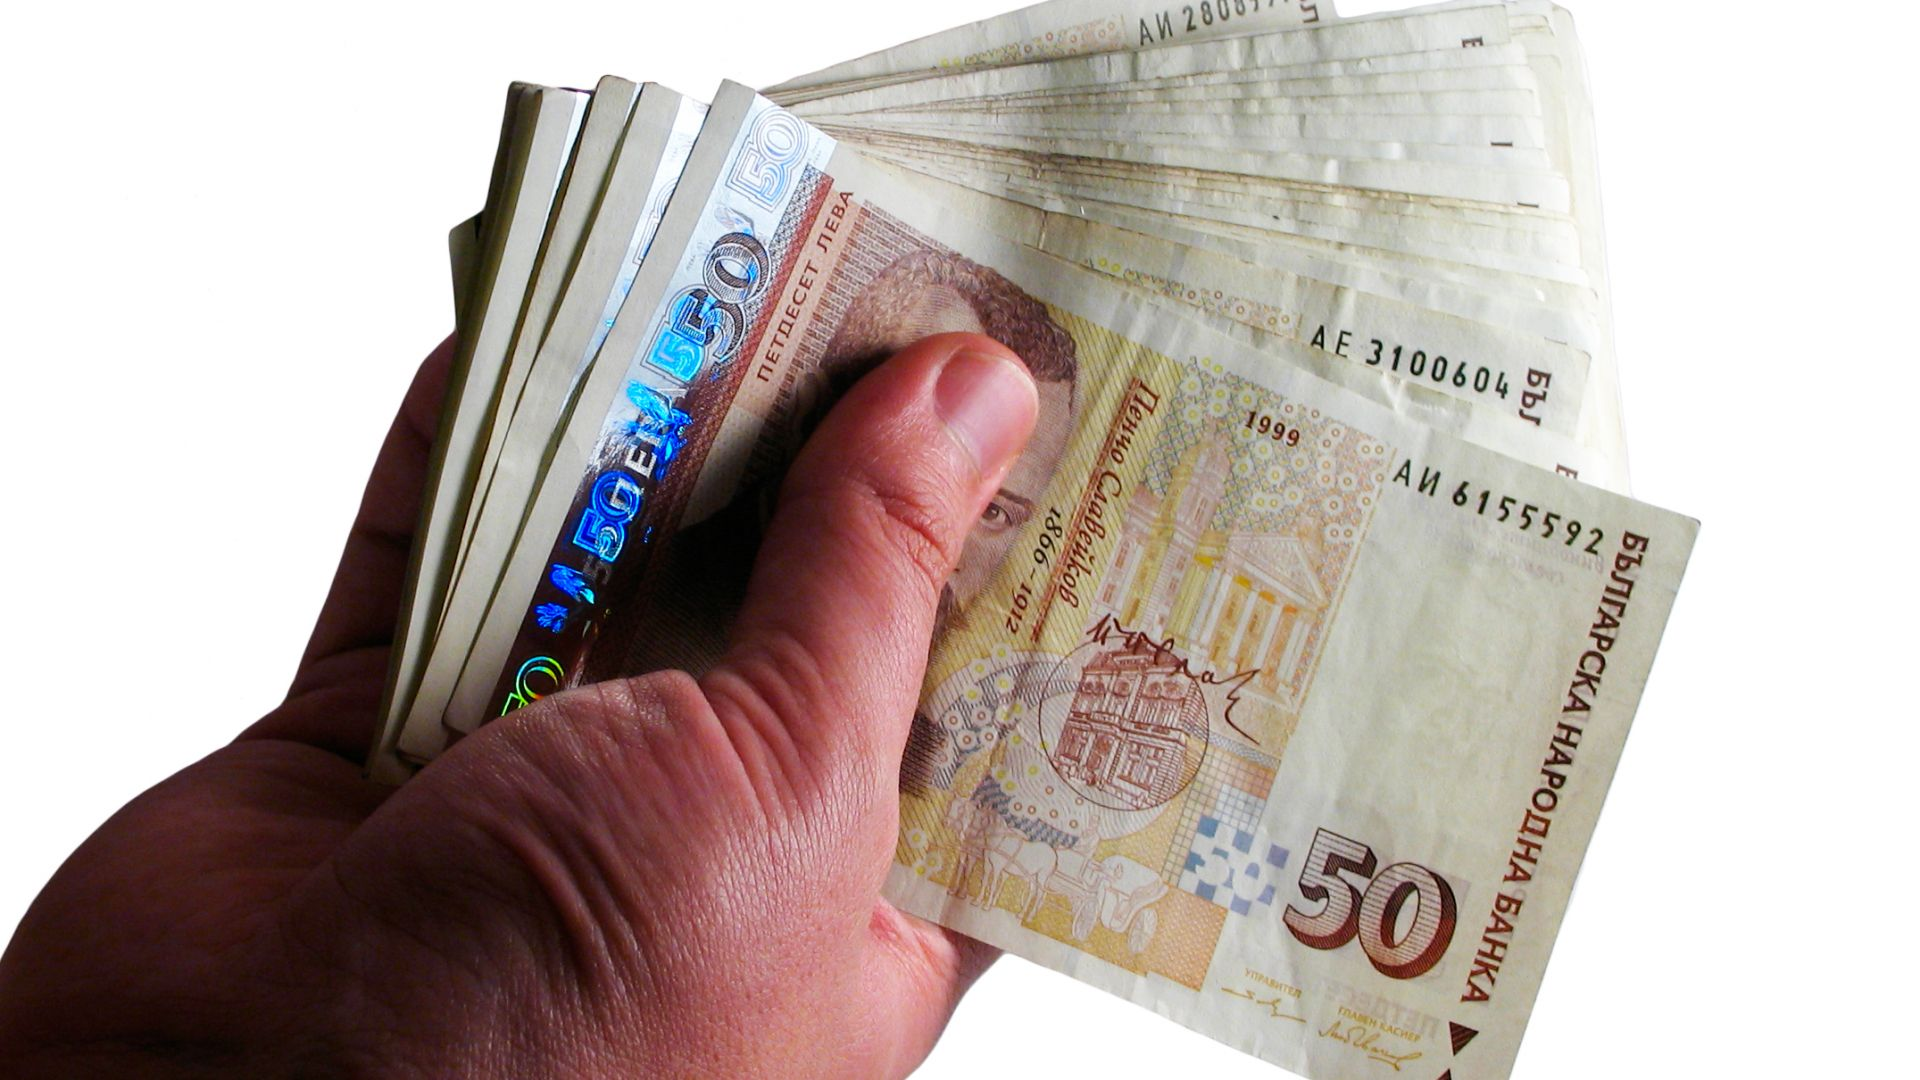 Българите похарчили 2 млрд. лв. между Коледа и Нова година